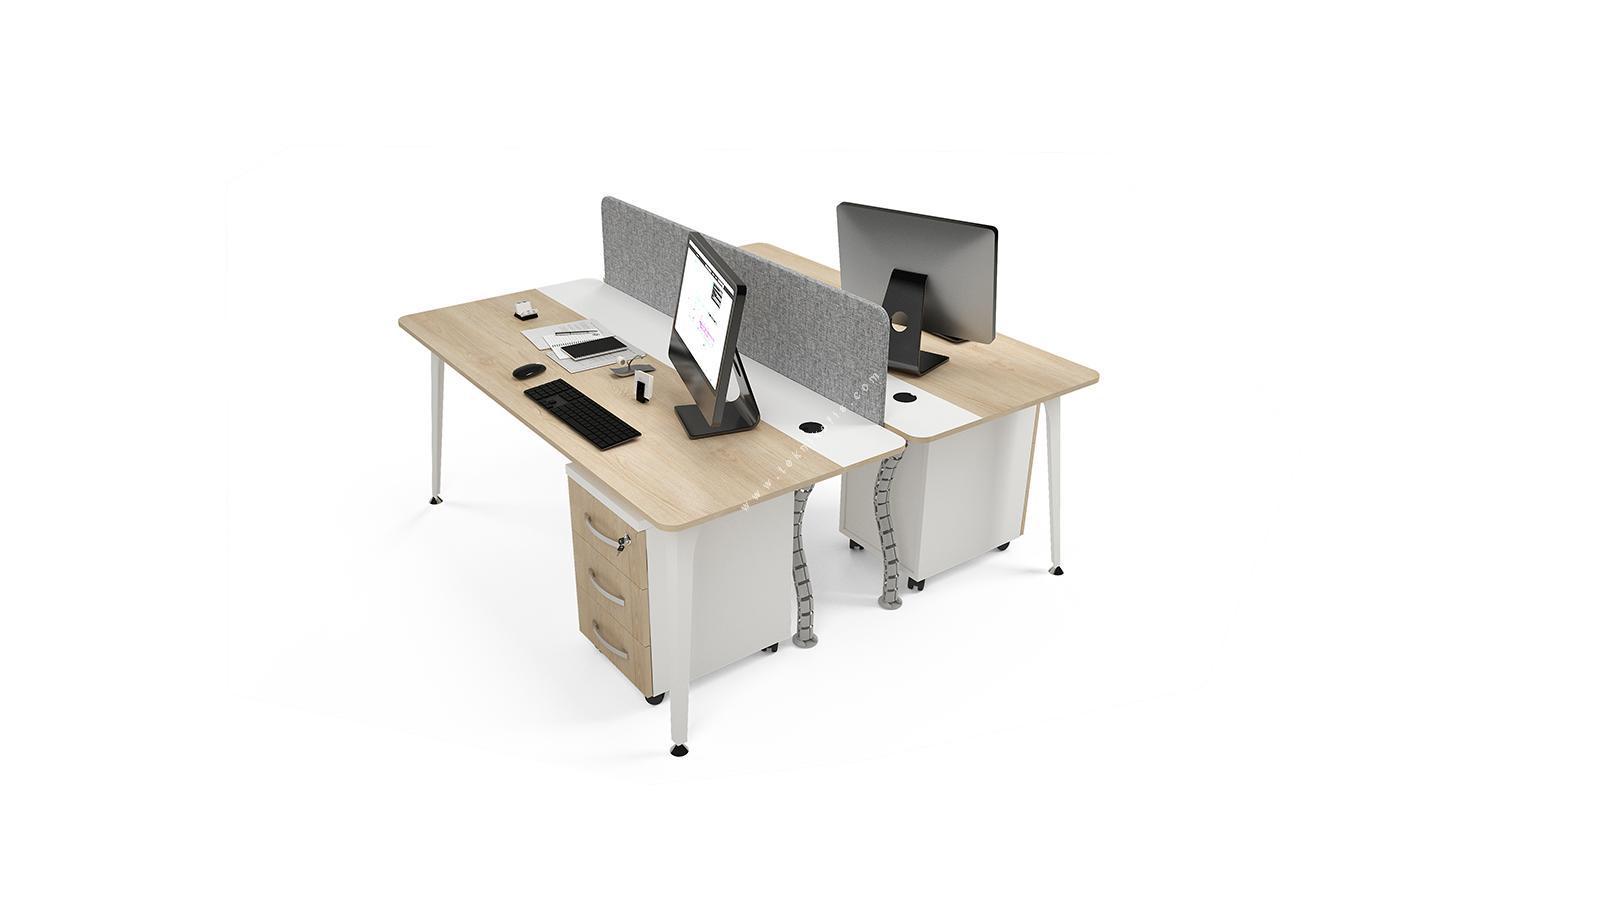 centrawork kumaş seperatörlü ikili çalışma masası 140cm